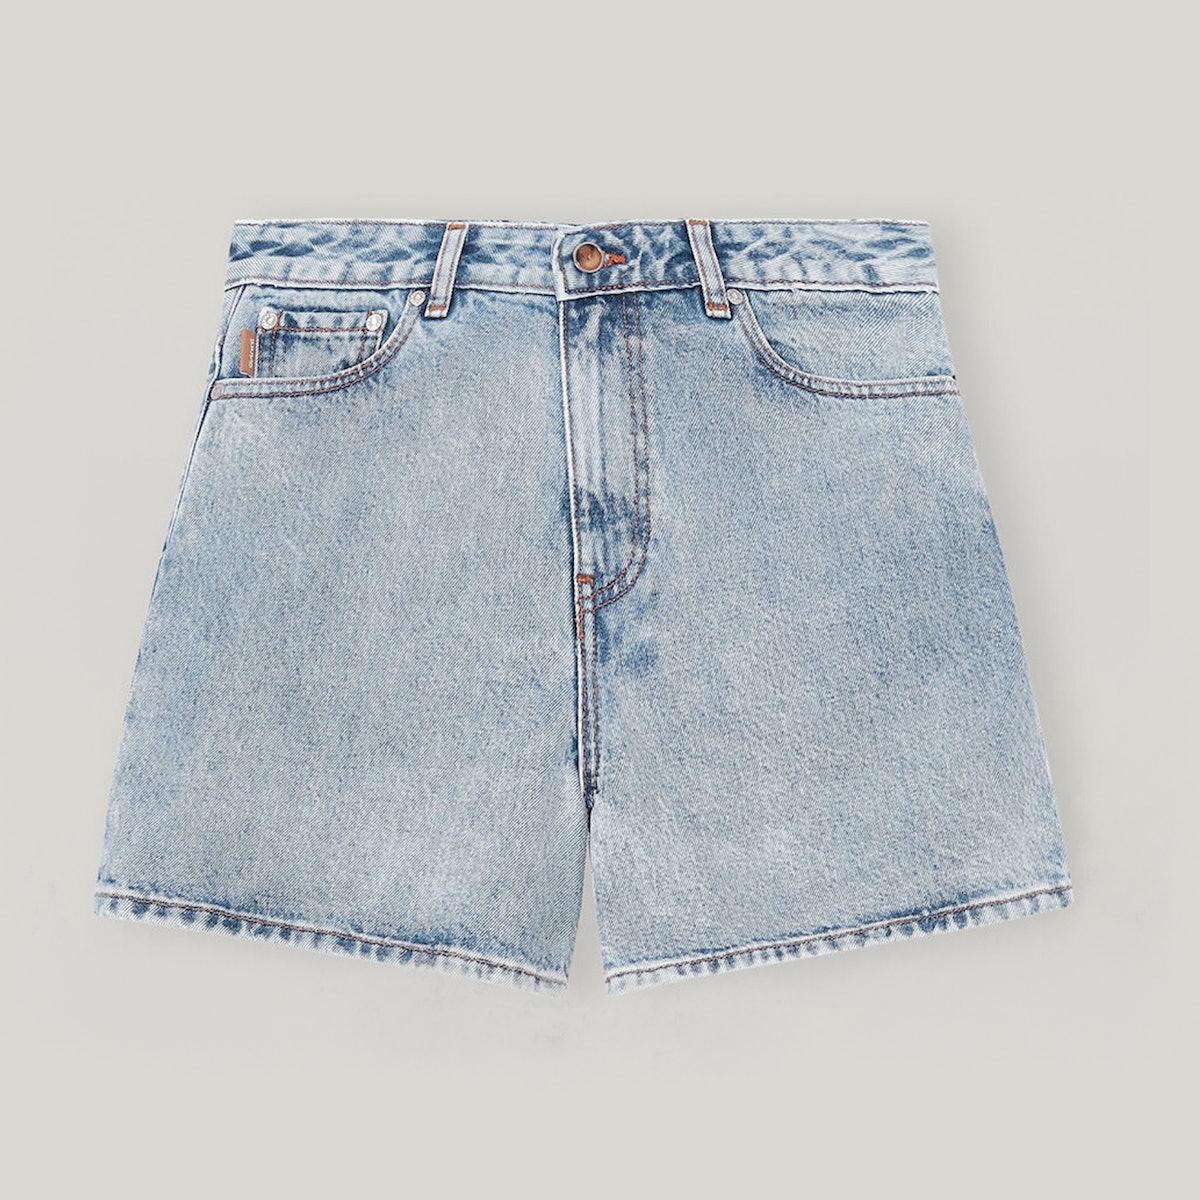 Ganni Classic Denim Shorts